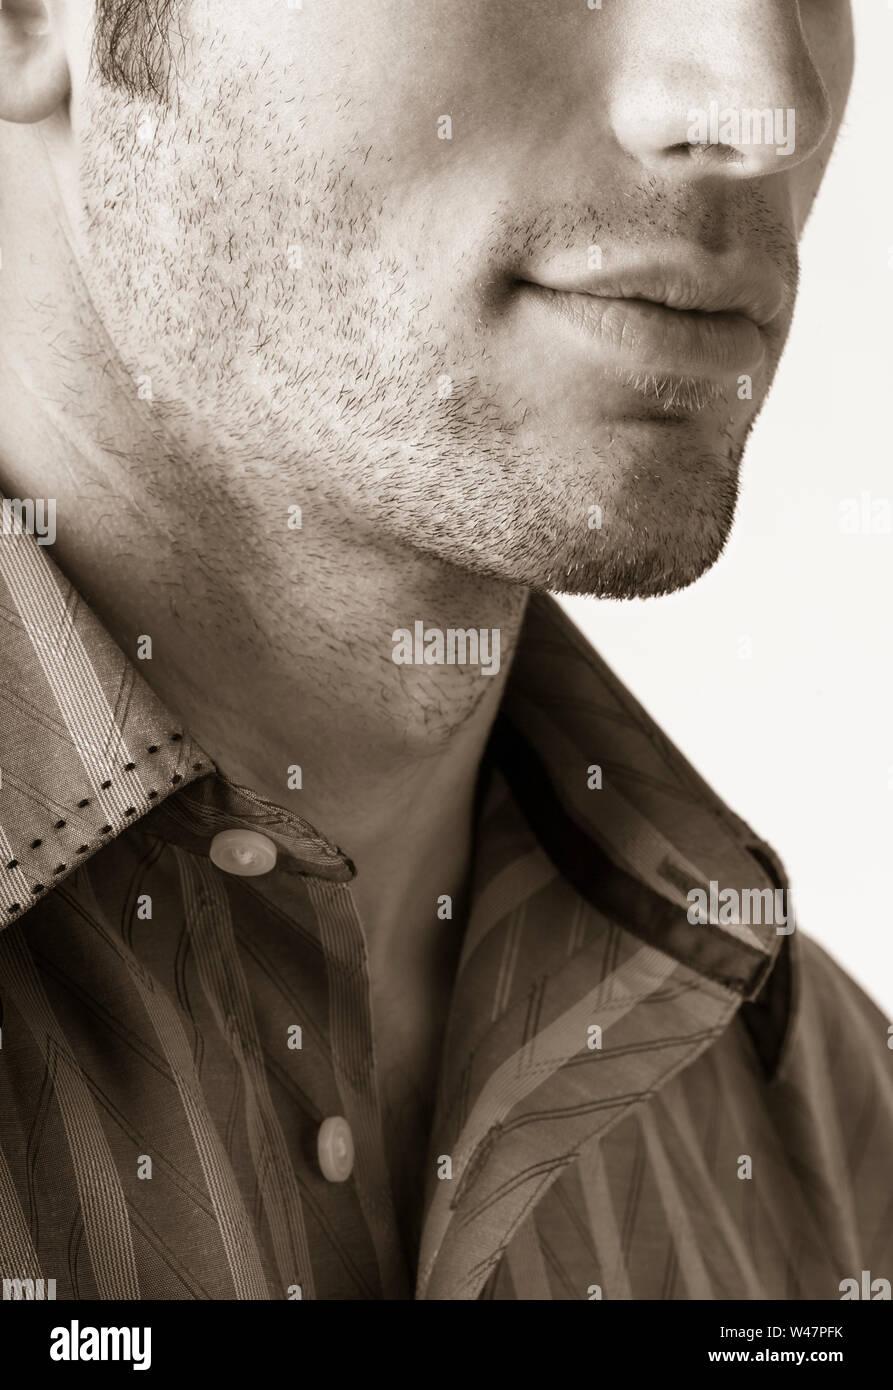 Cerca de la barbilla de un joven apuesto y jawline con vello facial rastrojo. Cuidado personal masculino y el cuidado personal características masculinas. Foto de stock